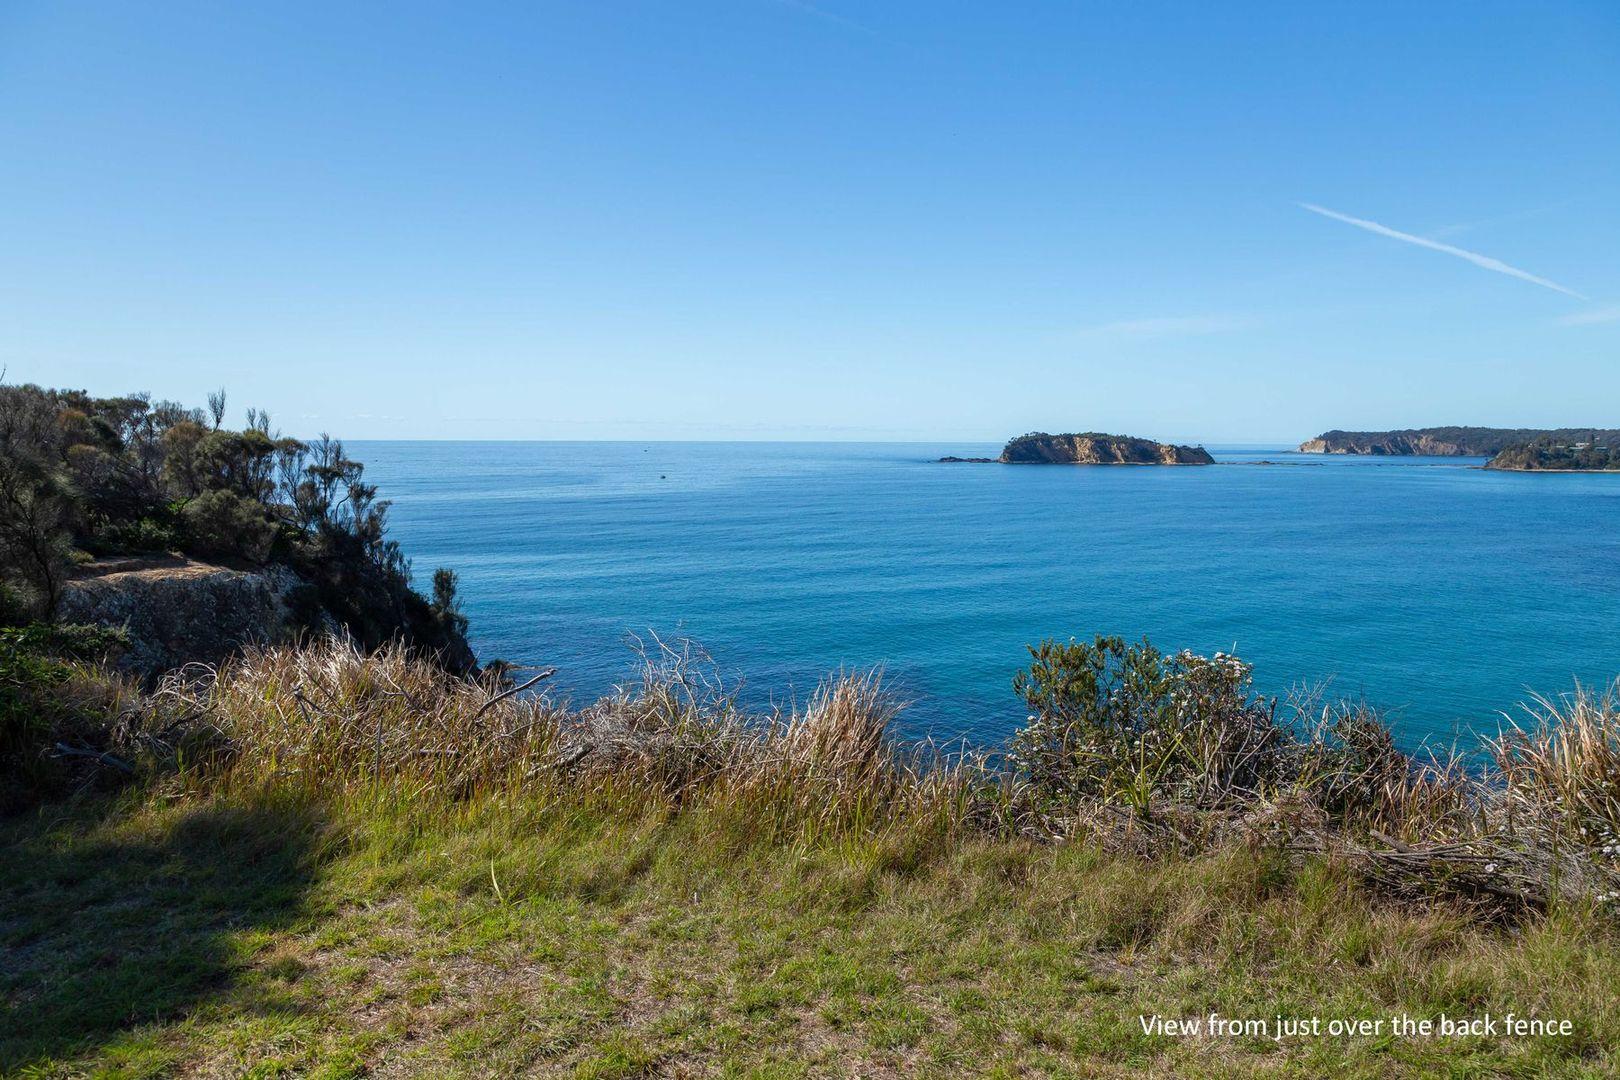 54 Illabunda Drive Malua Bay Nsw 2536 Land For Sale Allhomes